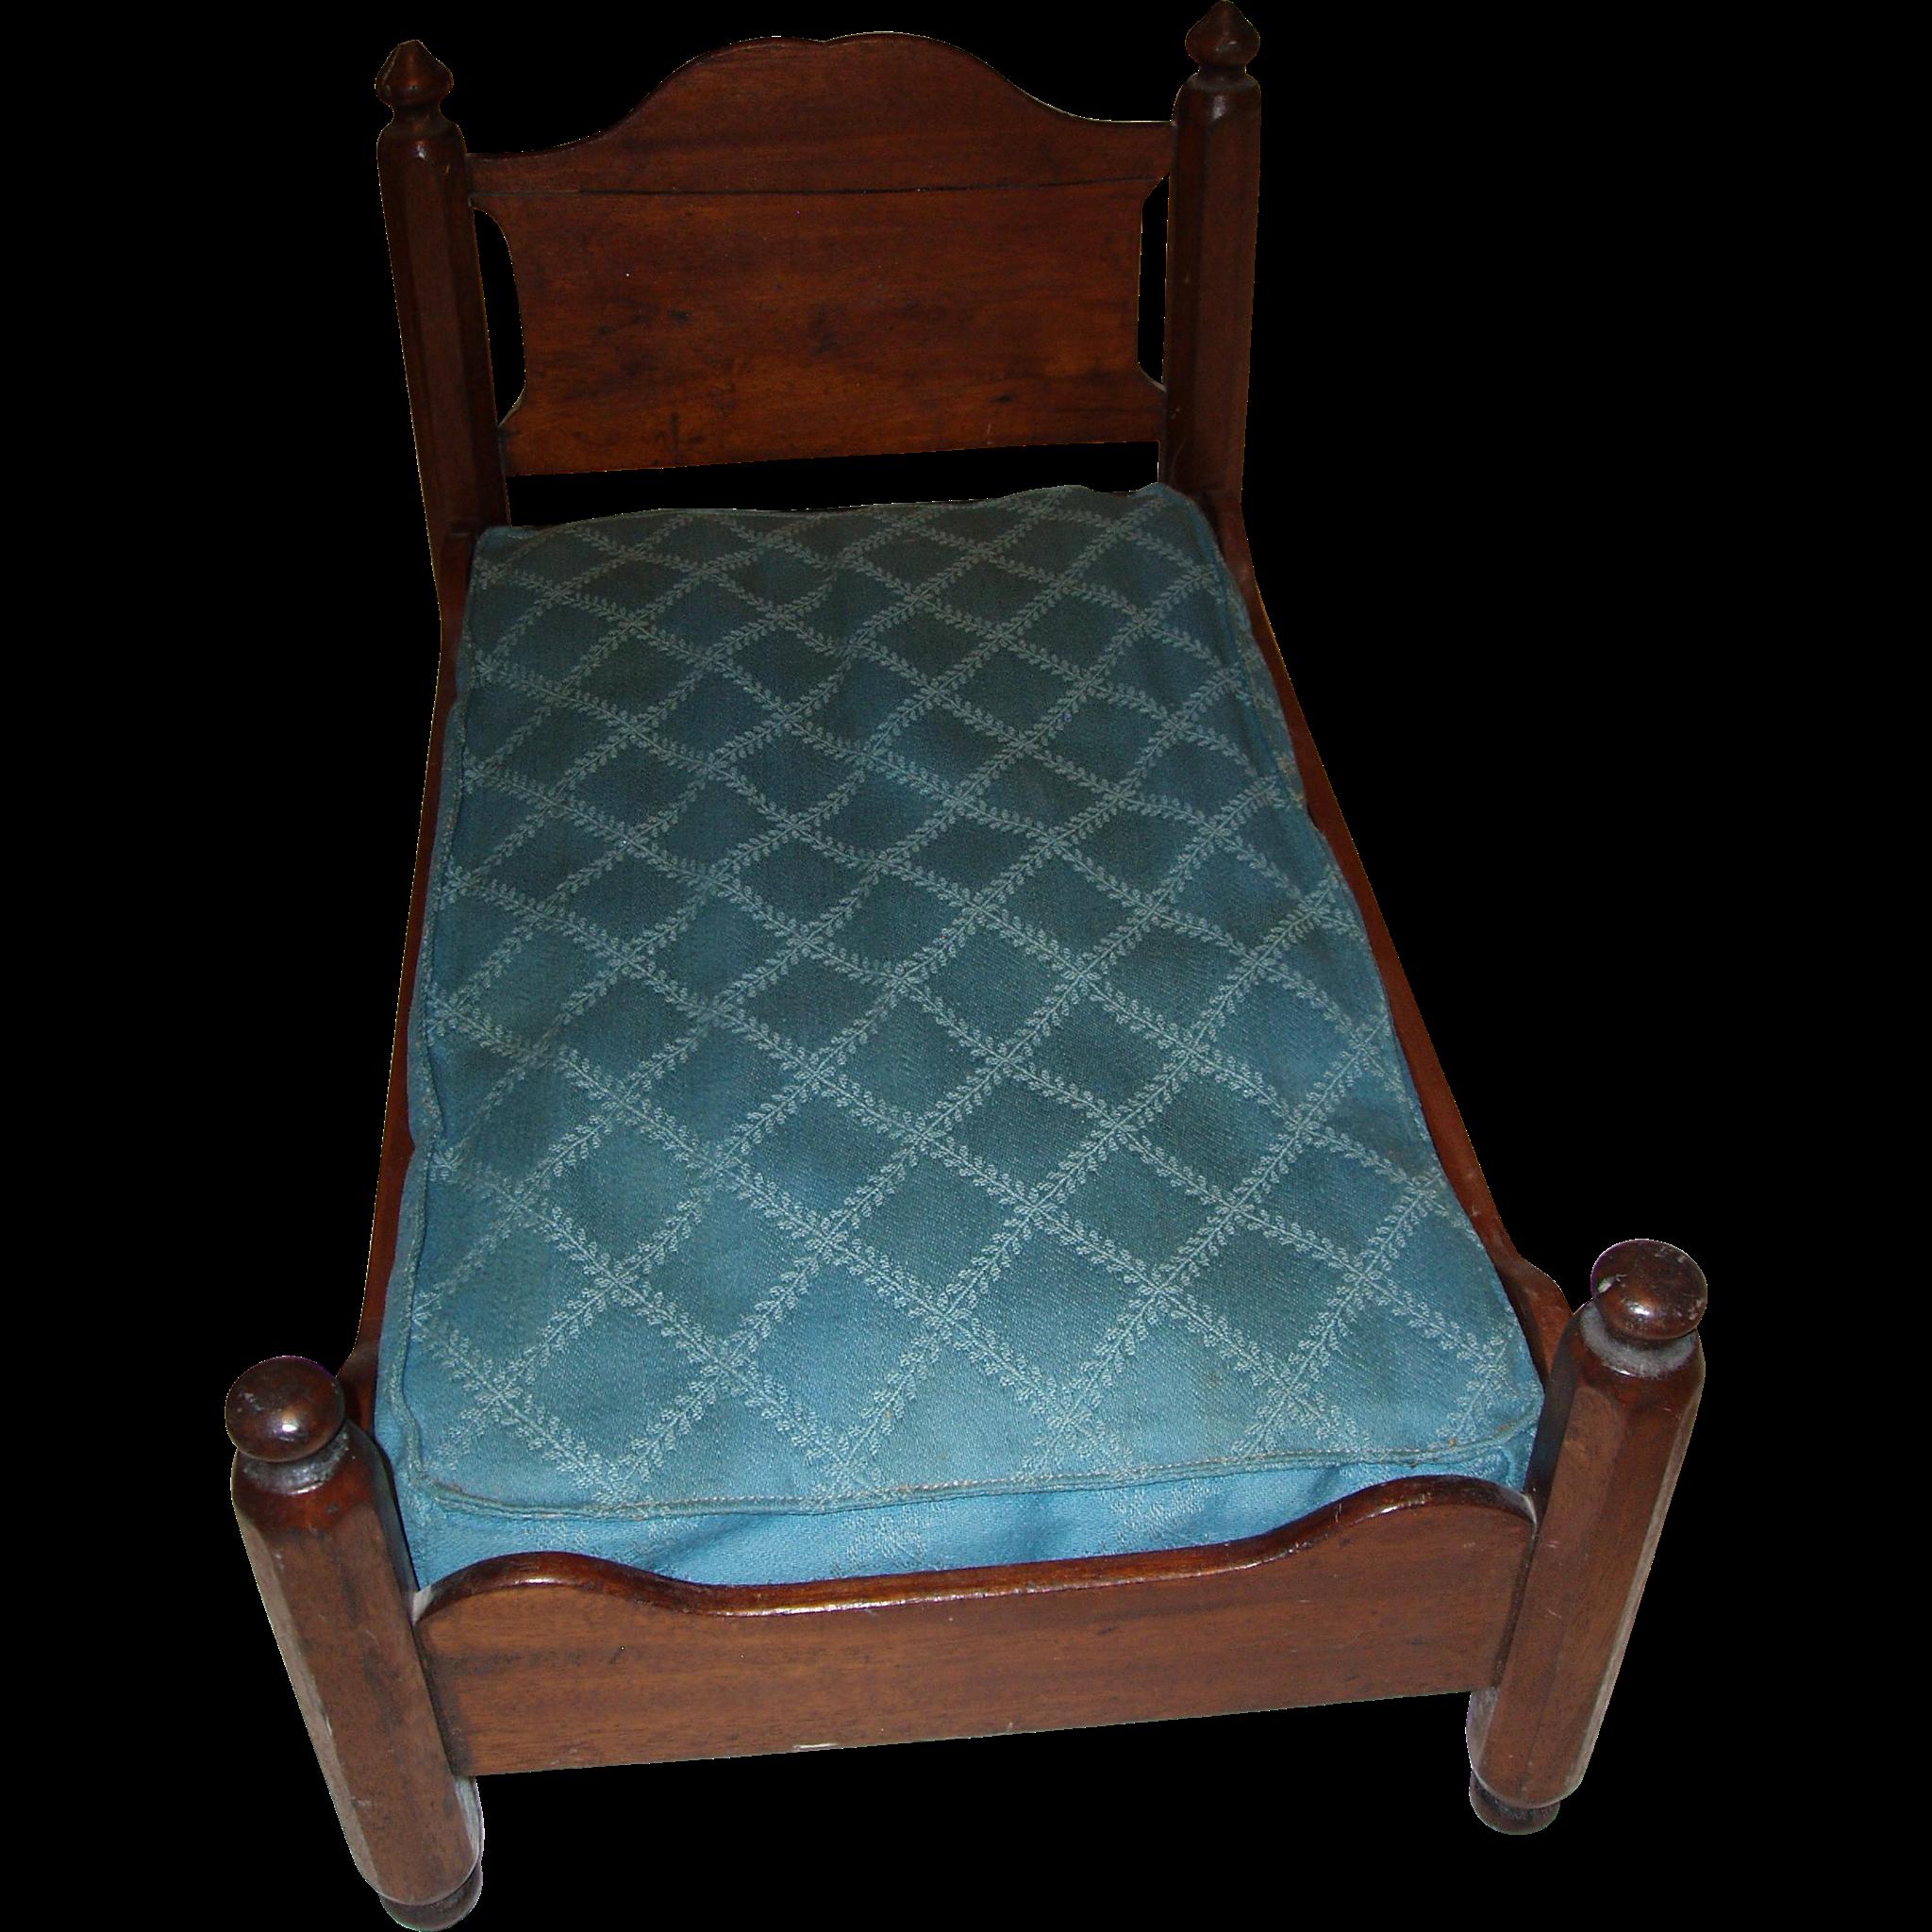 Vintage Wooden Bed 80